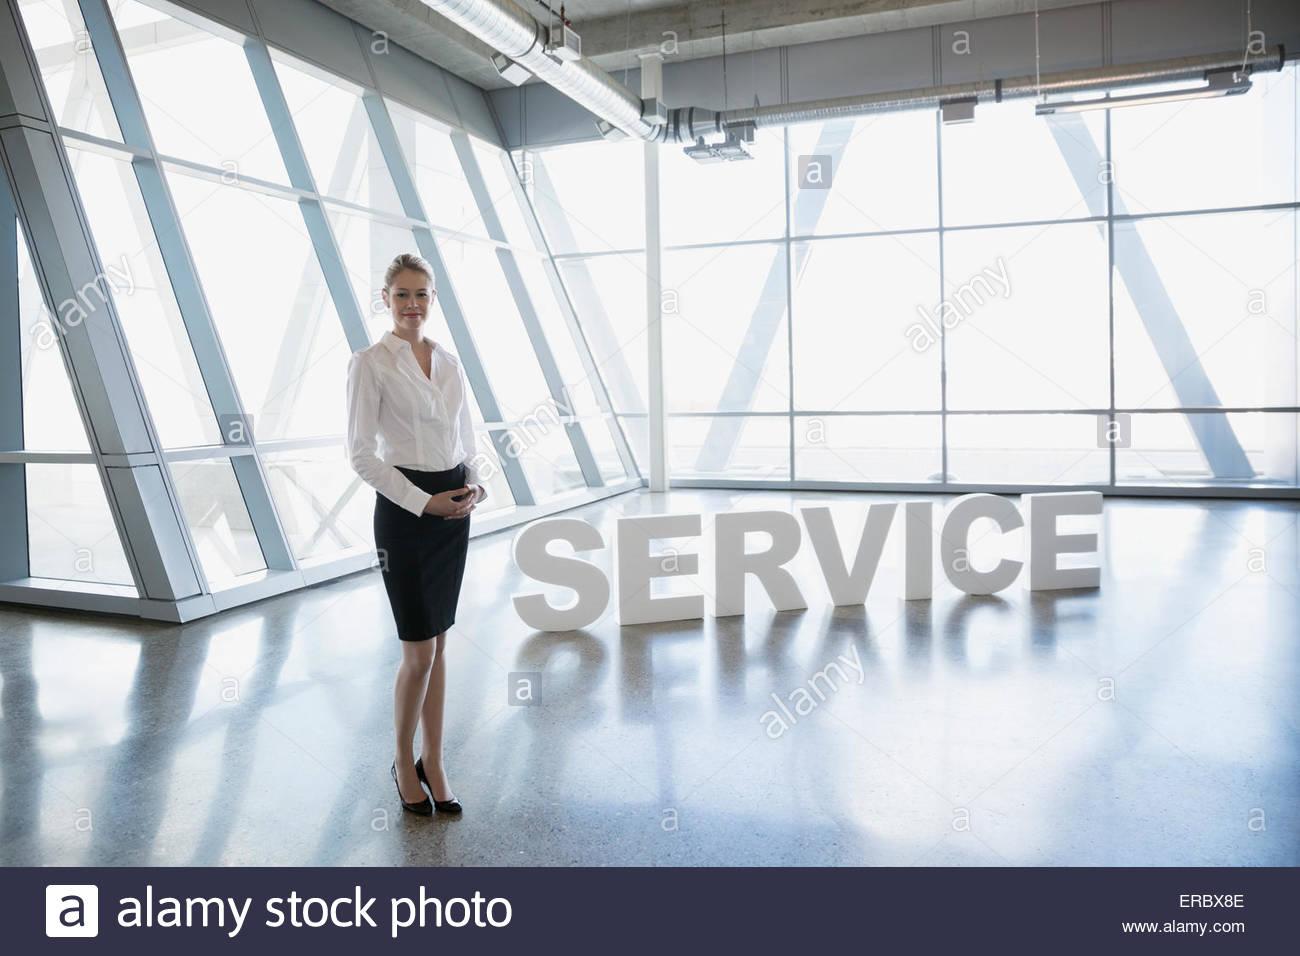 Portrait confident businesswoman near 'Service' letters - Stock Image